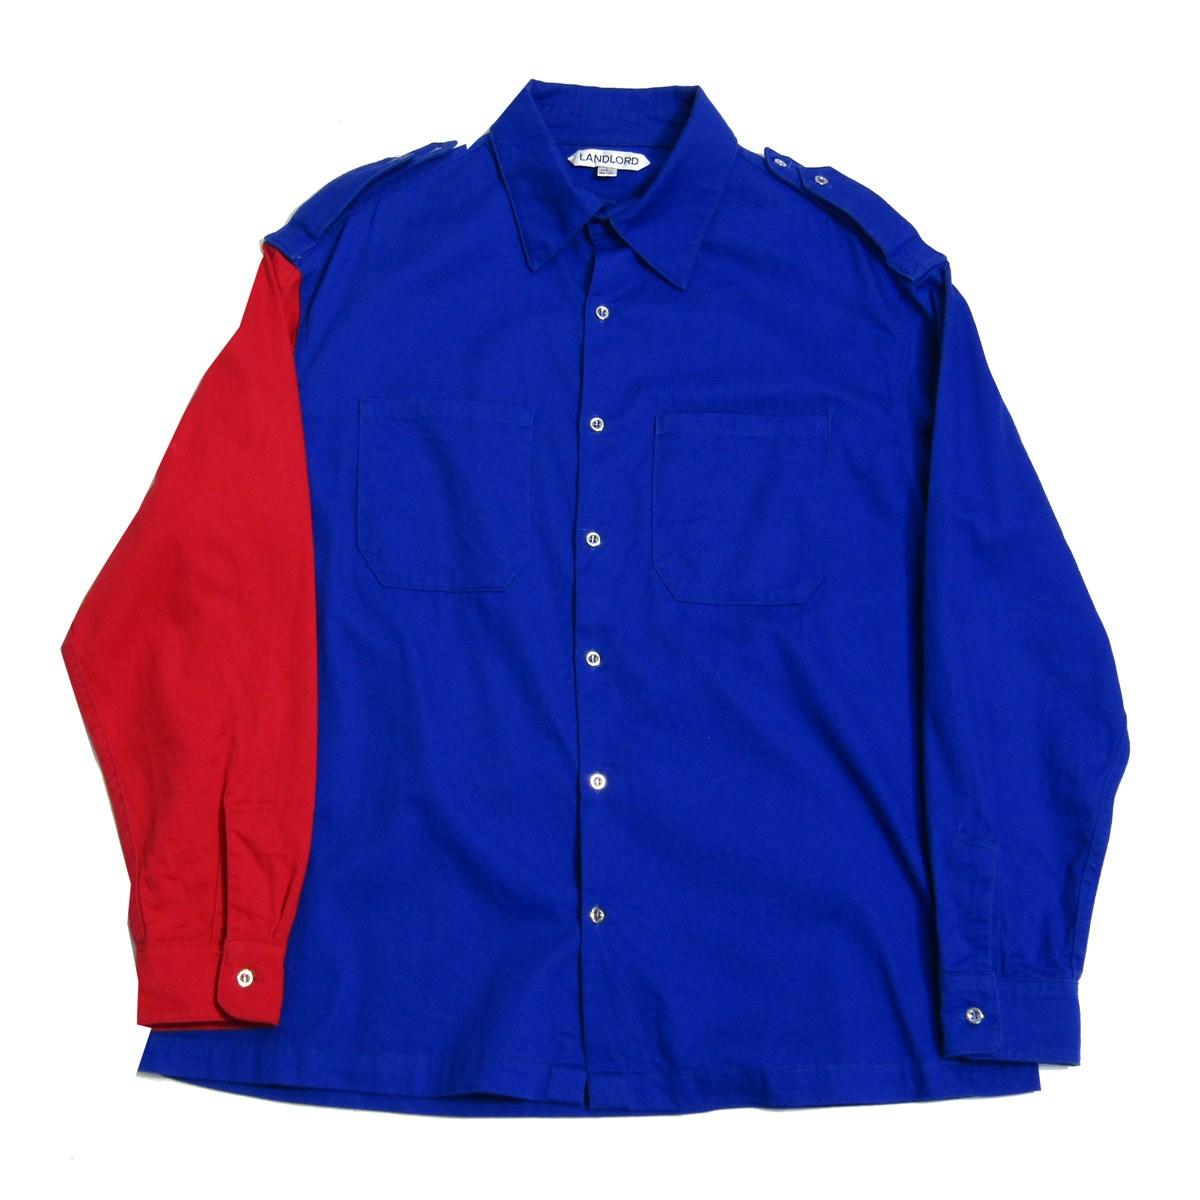 【中古】LANDLORD 2018AW バイカラーミリタリーシャツジャケット ブルー サイズ:S 【220820】(ランドロード)